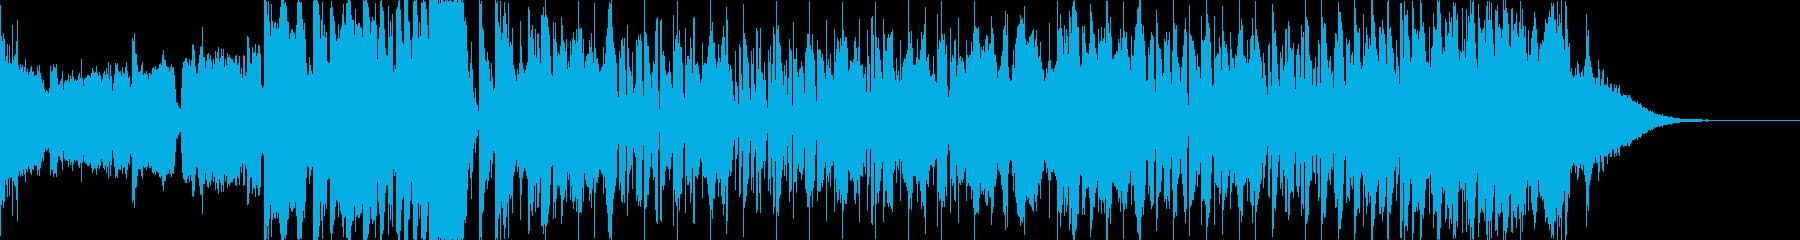 壮大な感じのエレクトロハウスなジングルの再生済みの波形